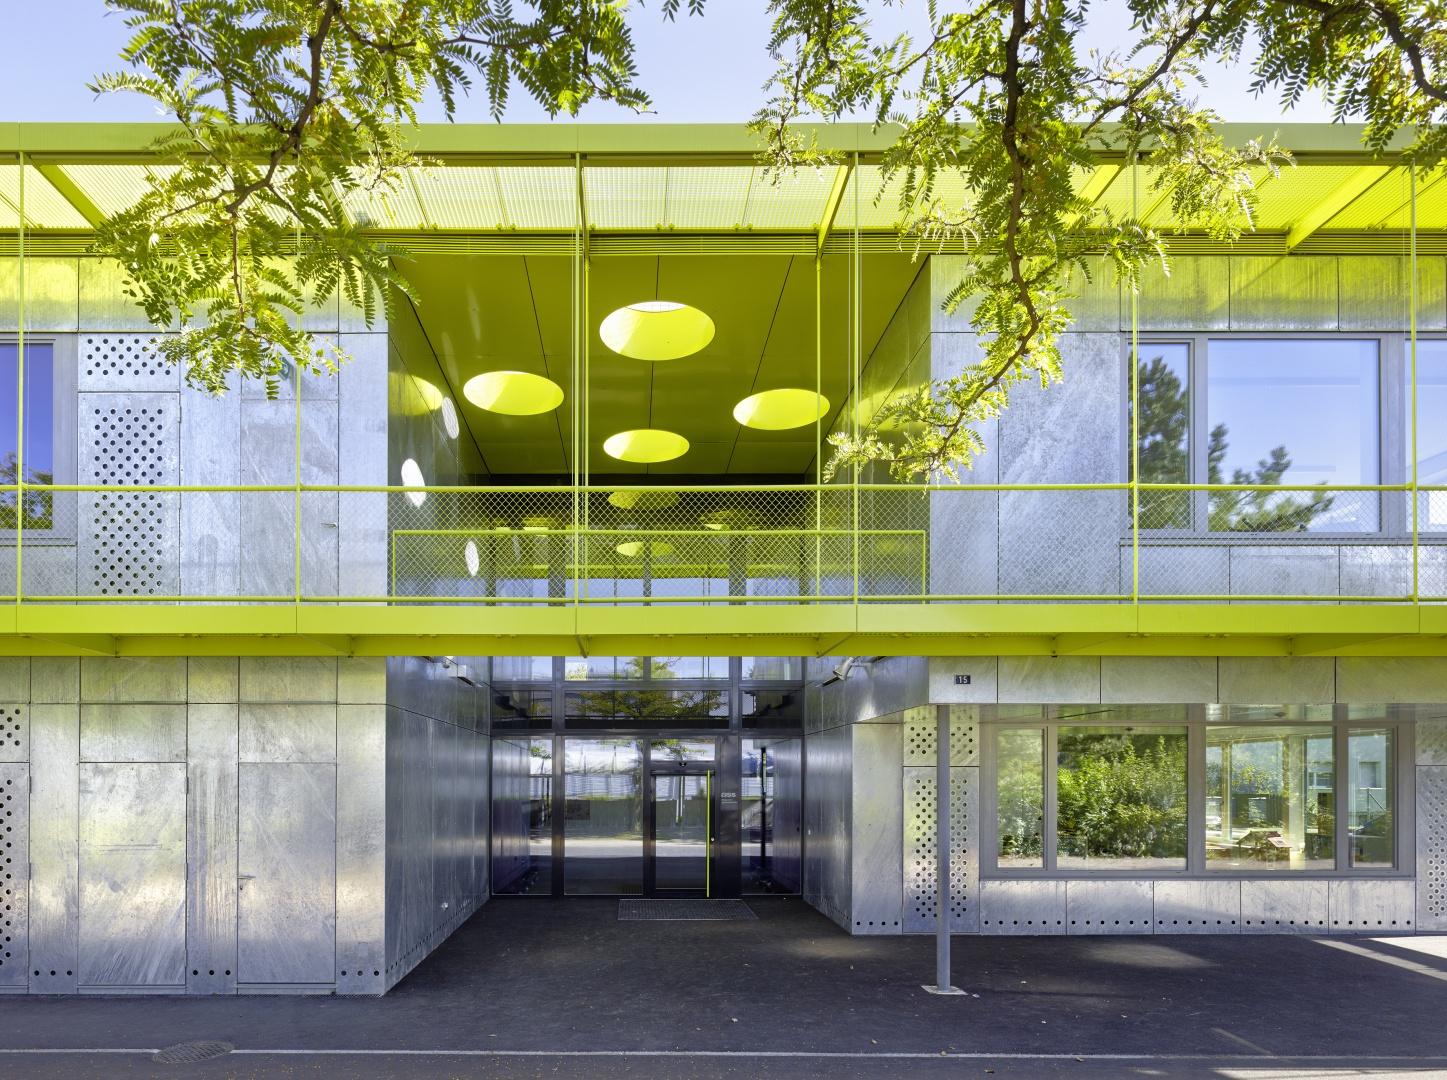 Aussenansicht Eingangshof © Hannes Henz, Zürich